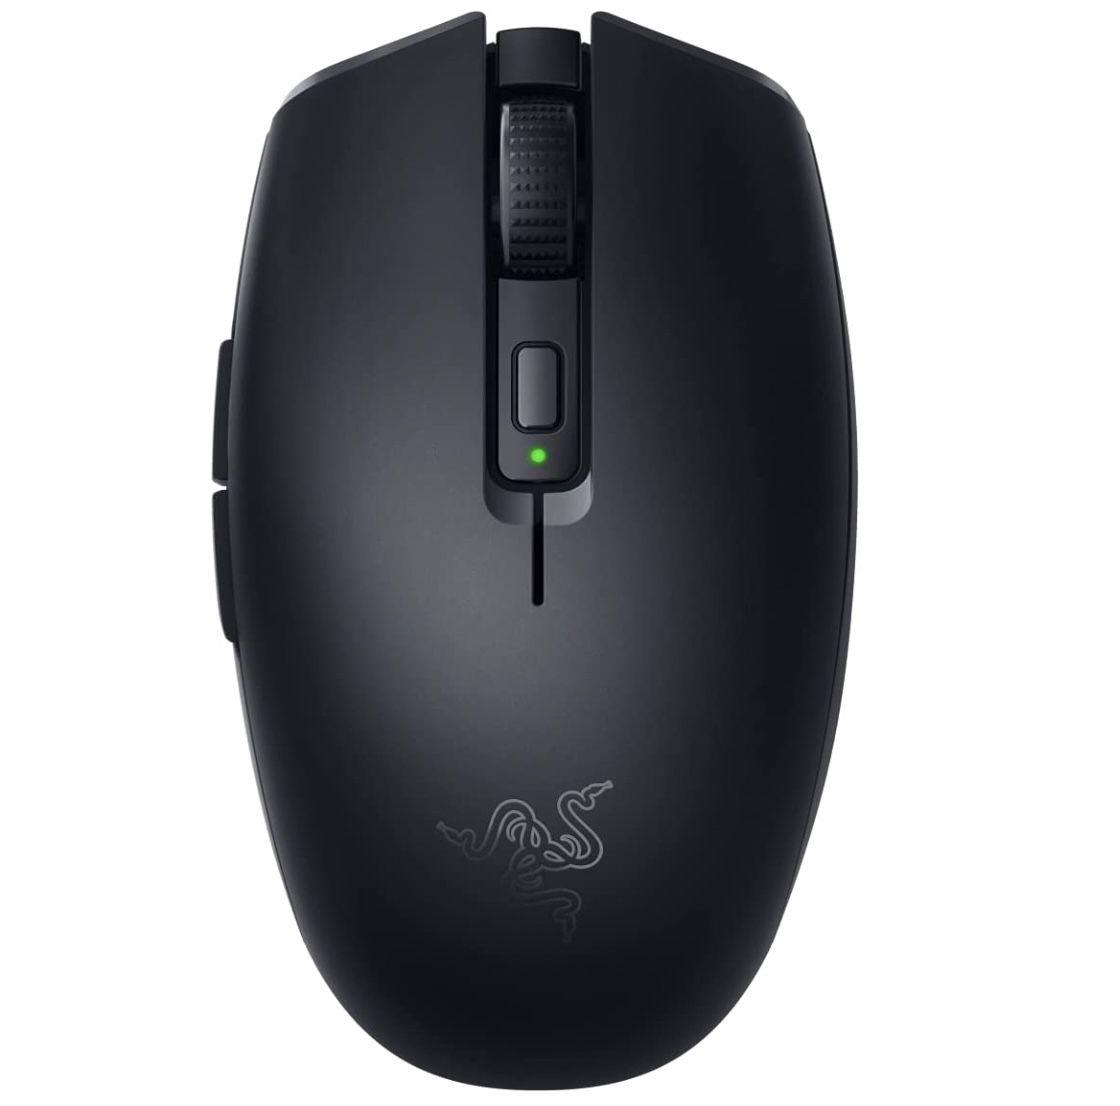 RAZER Orochi V2 kabellose Maus in Schwarz für 52,94€ (statt 79€)